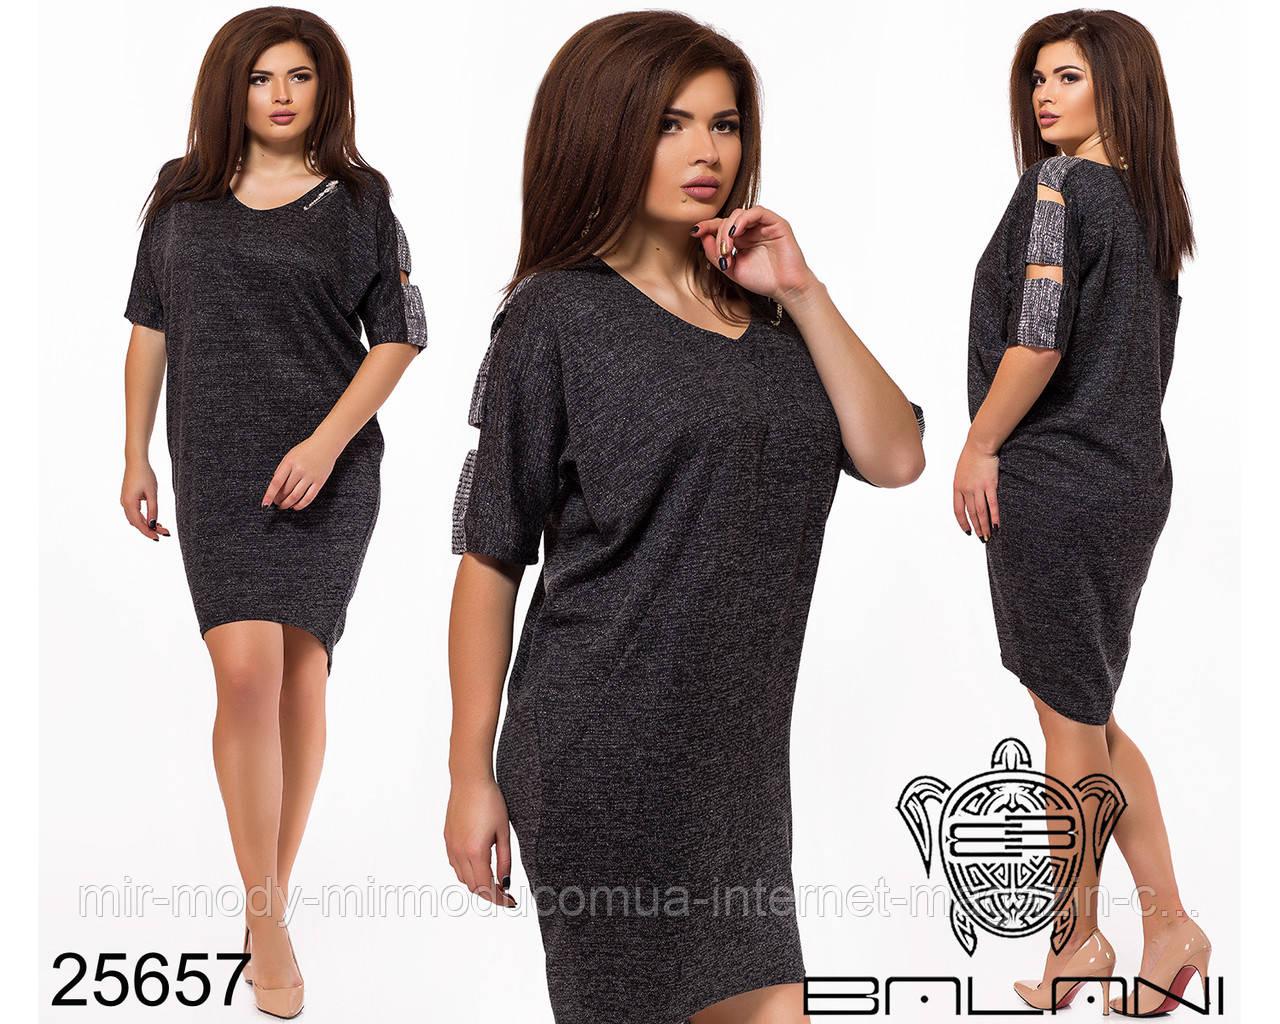 Платье вечернее - 25657 (4 расцветки) с 48 по 60 размер (бн)